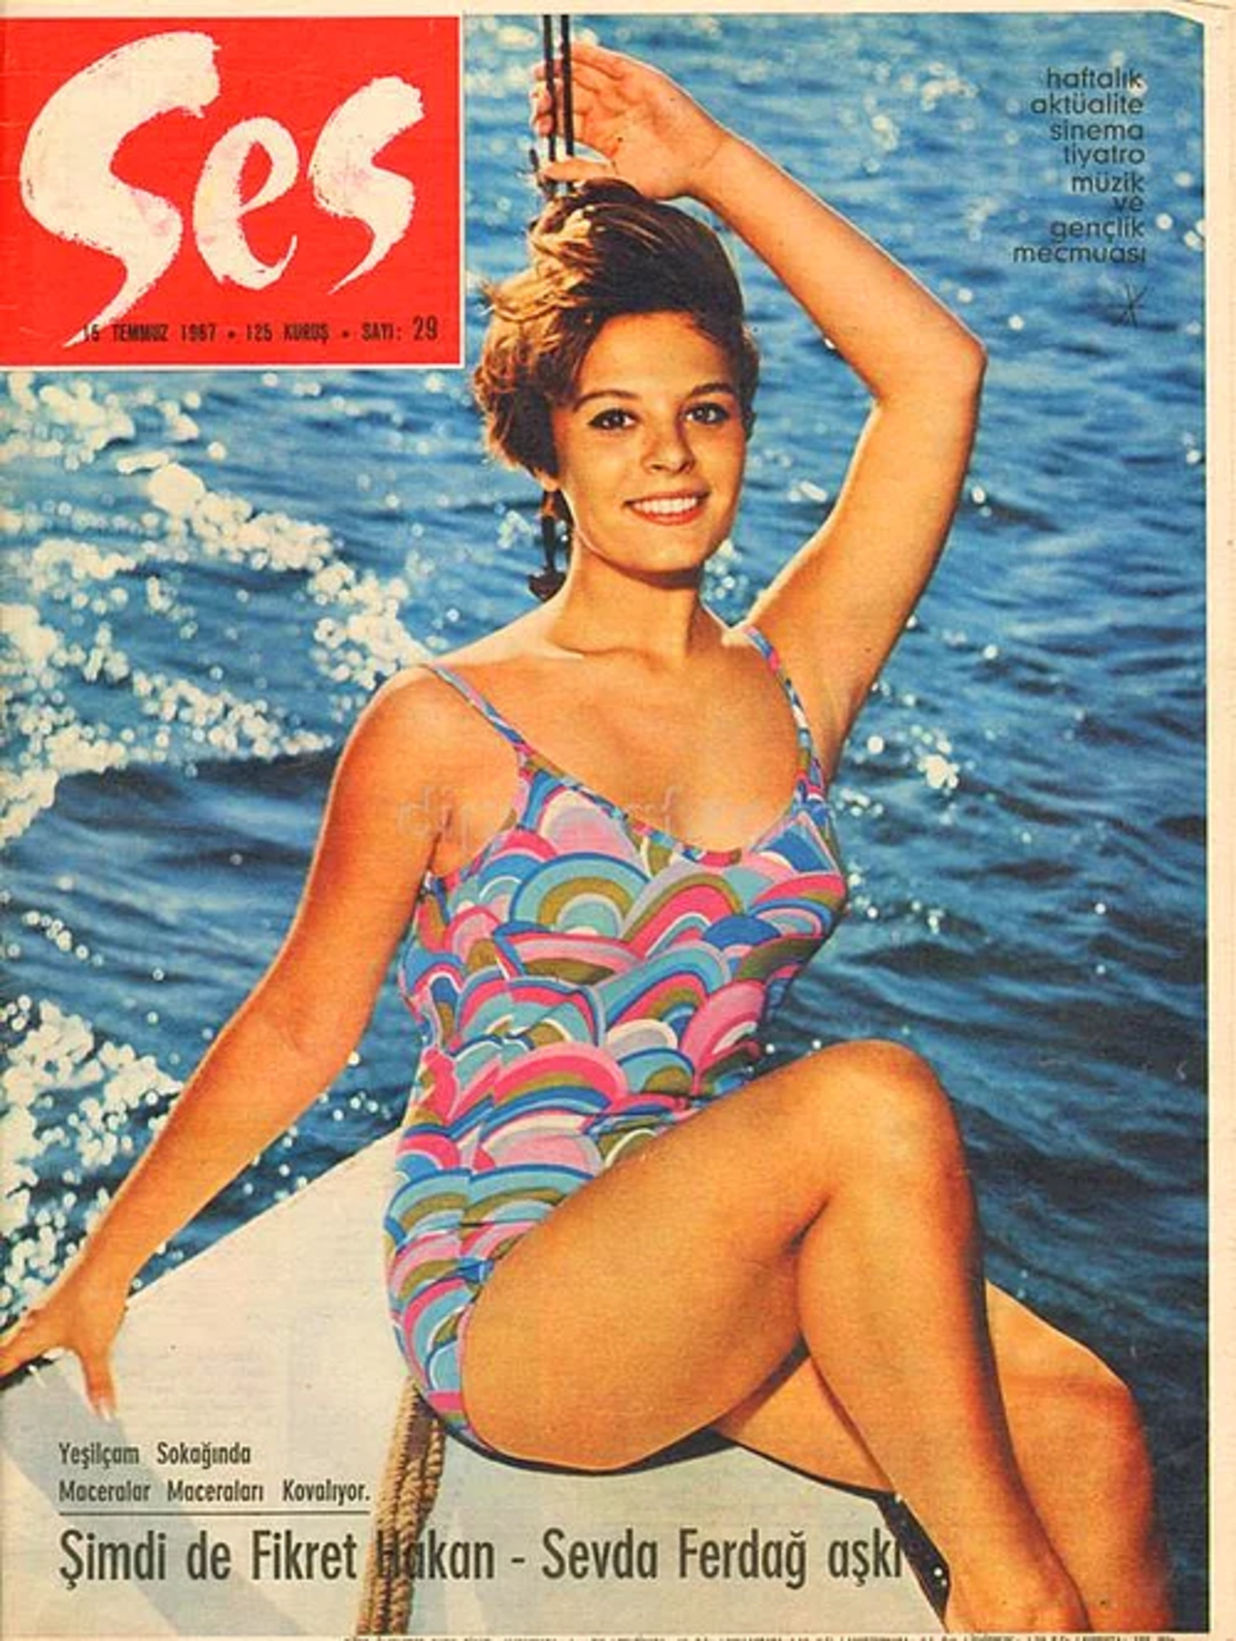 Yıl 1967... Hülya Koçyiğit, dönemin en çok satan dergisi olan Ses Dergisi'ne bir kez daha kapak oldu.